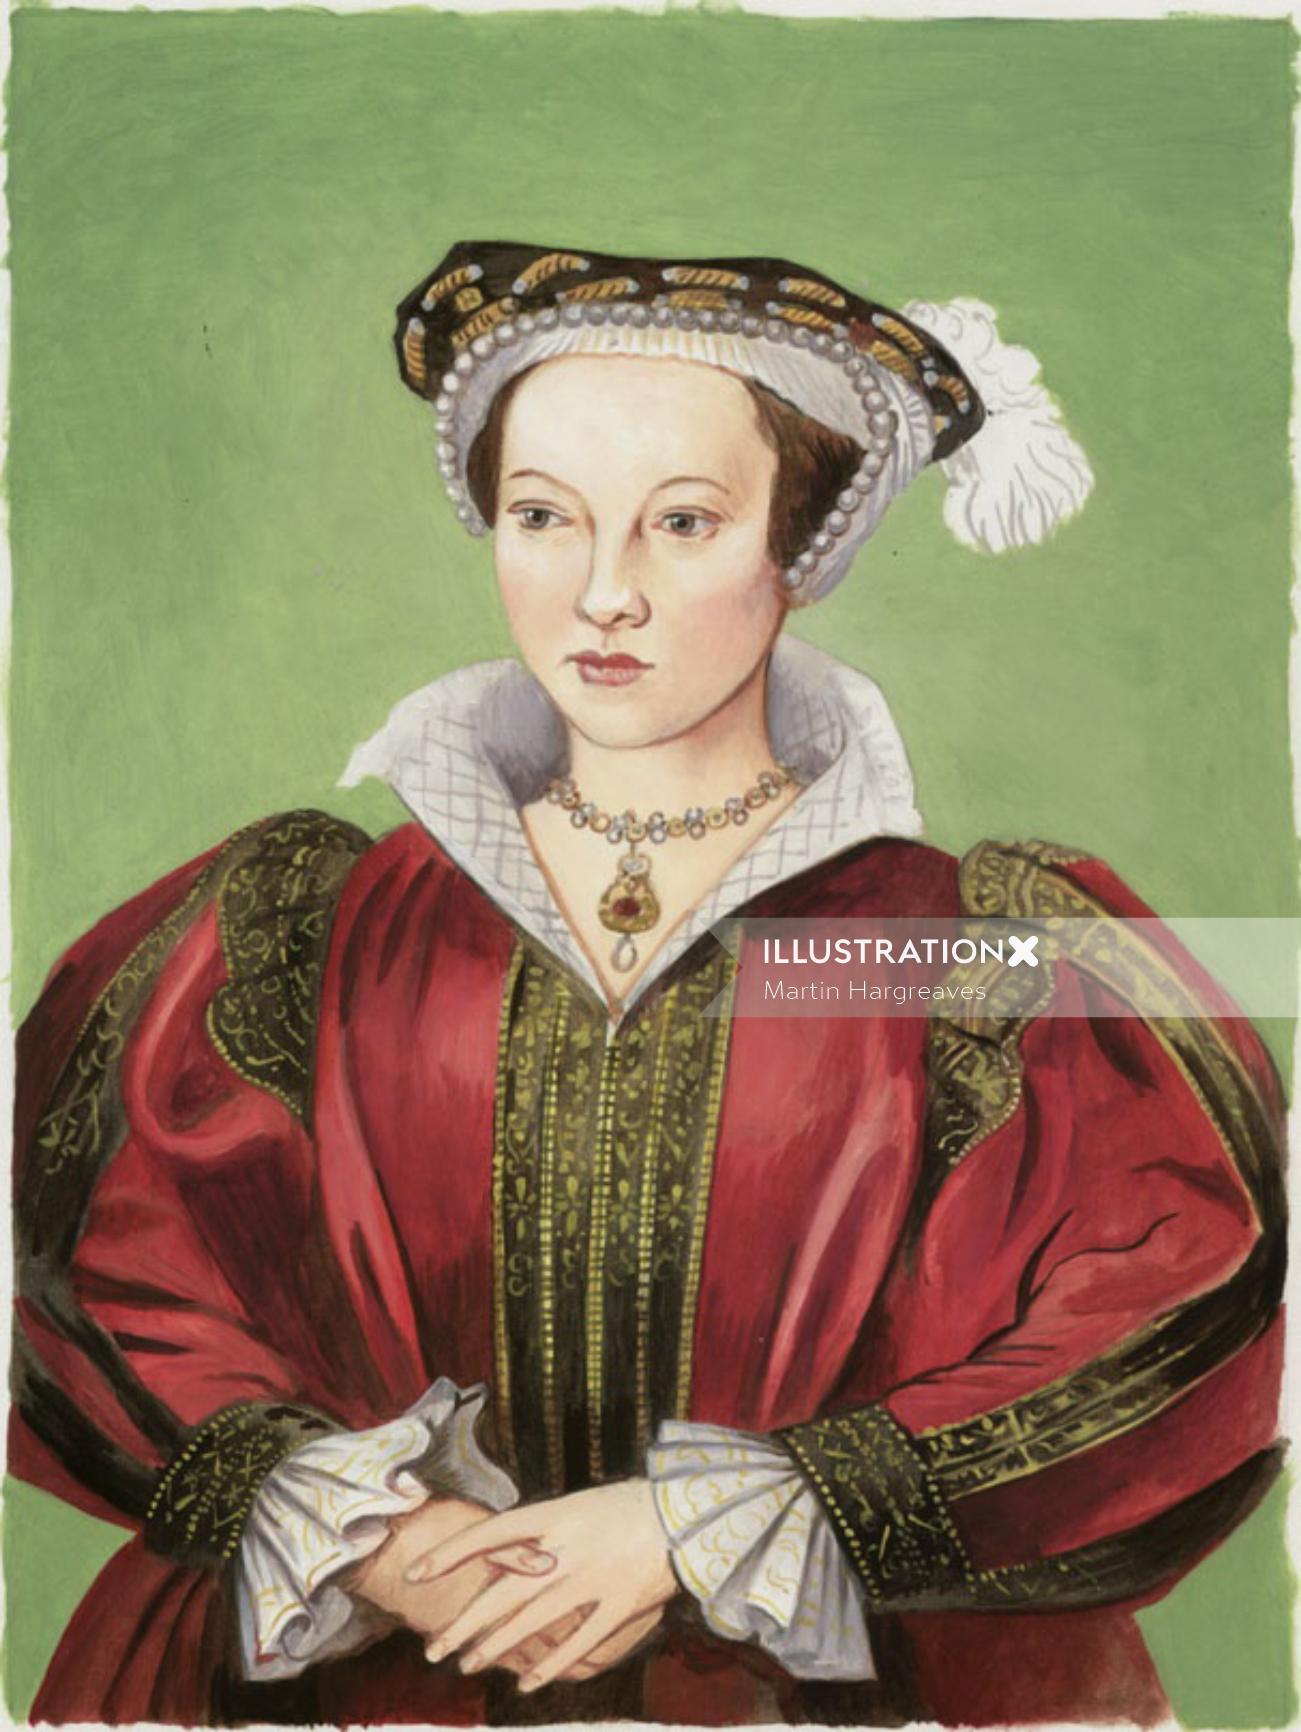 Portrait art of Katherine Parr